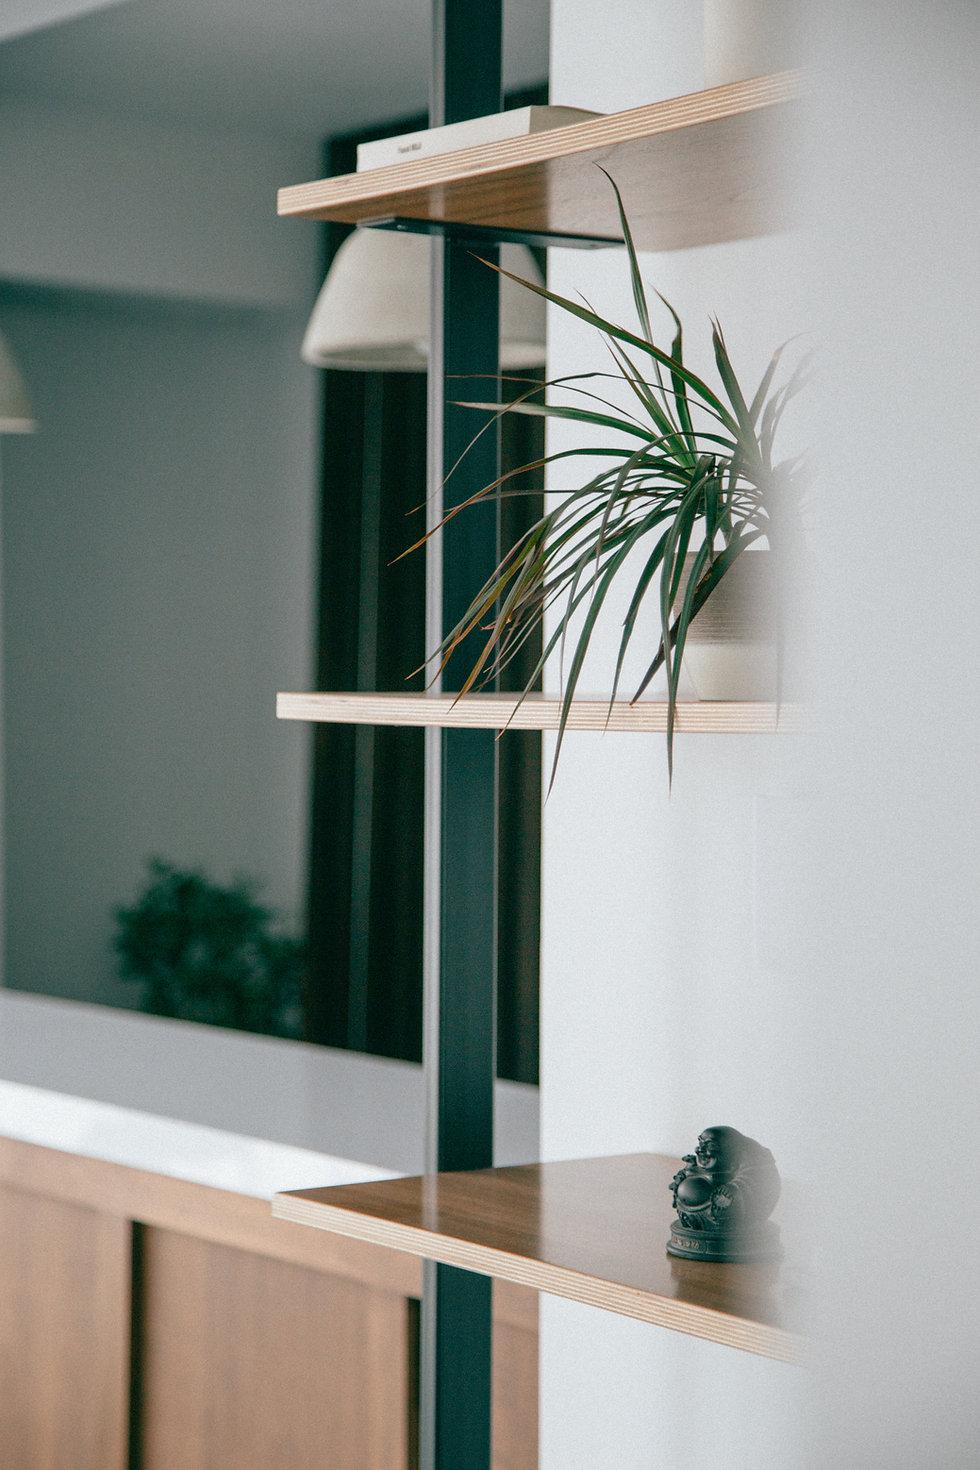 Design d'intérieur minimal